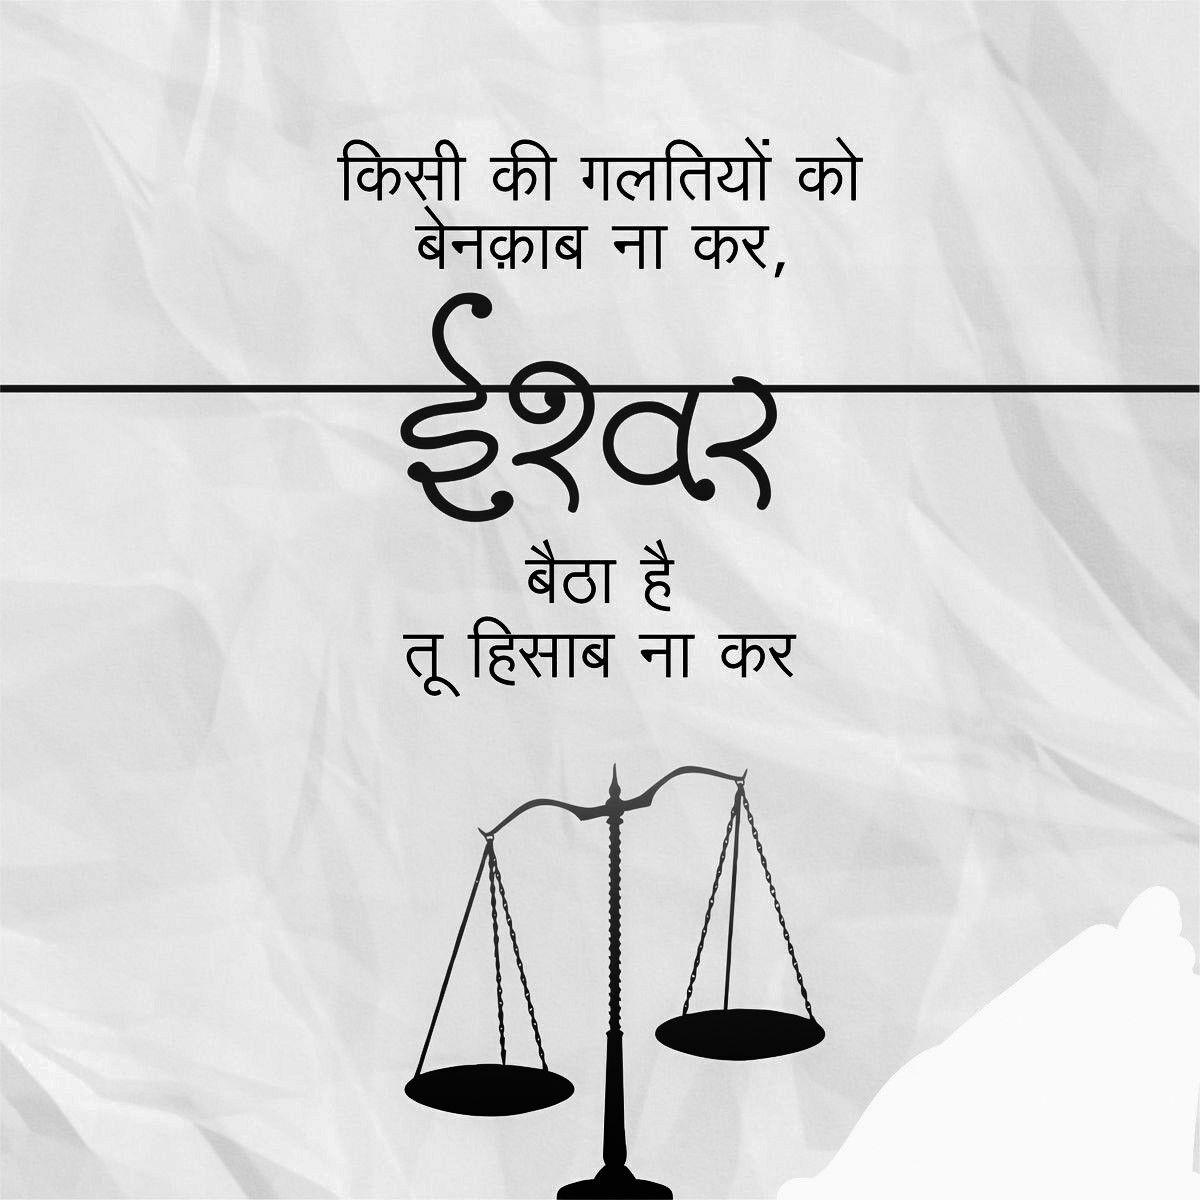 Pin by Deepti Rane on Shayri | Hindi quotes, Motivational ...